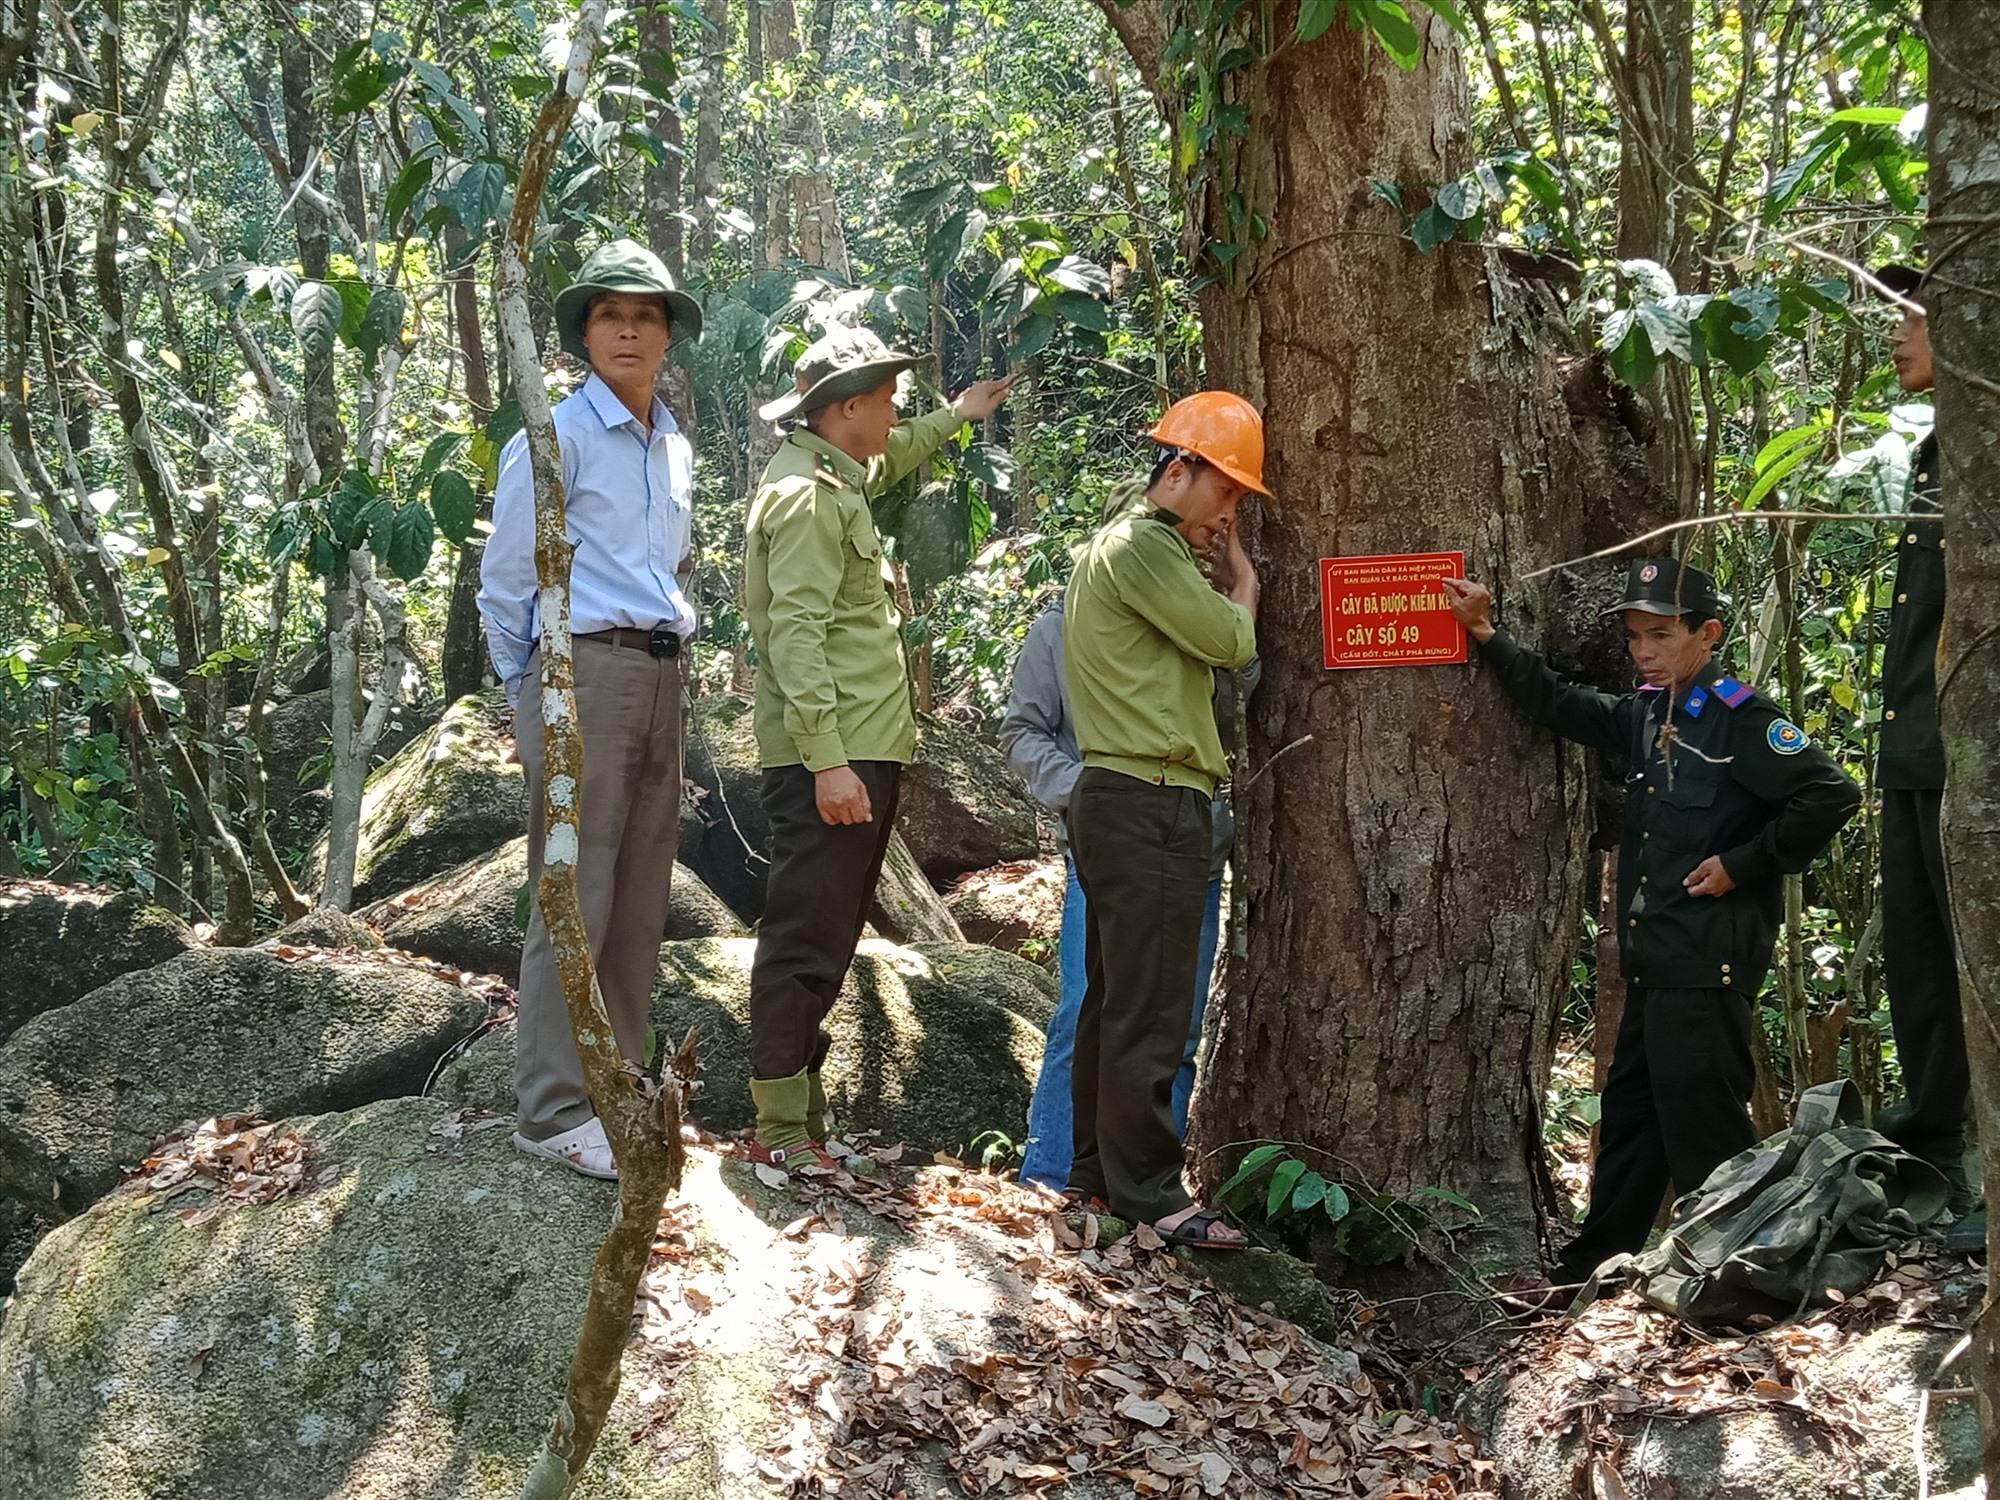 Hình Lực lượng chức năng phối hợp kiểm đếm và đóng số từng cây gỗ rừng tự nhiên xã Hiệp Thuân.